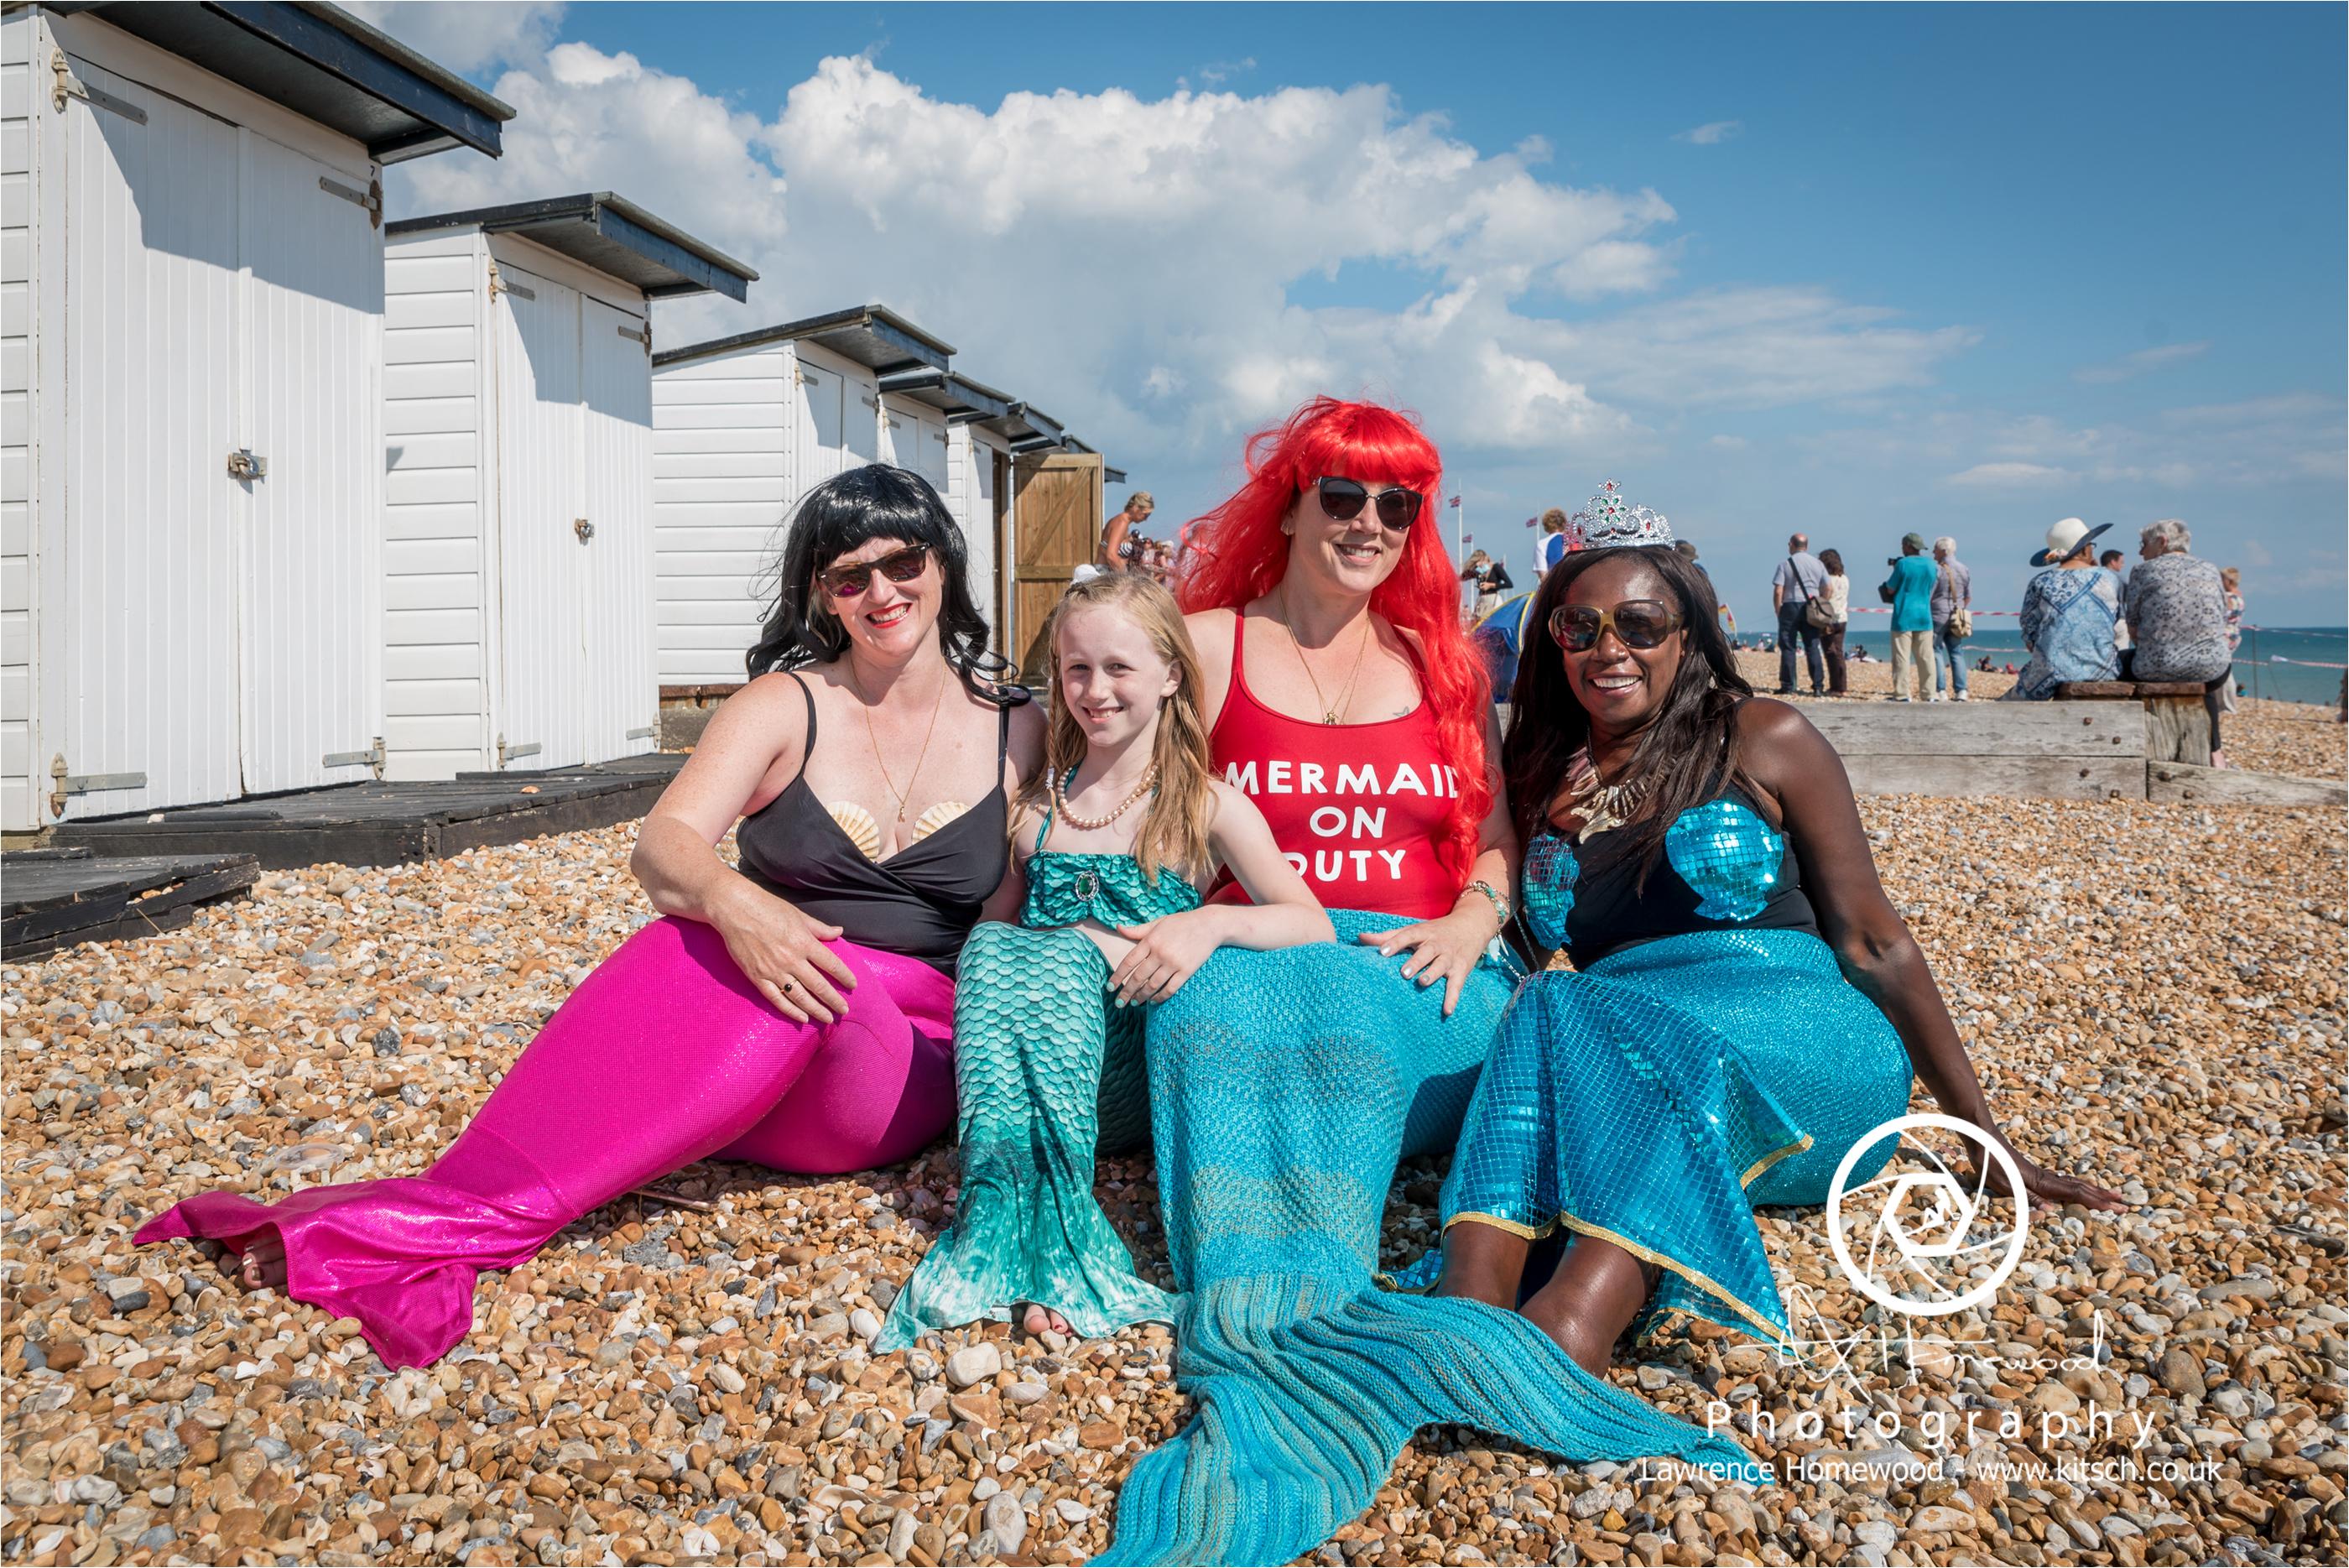 Mermaids on Duty